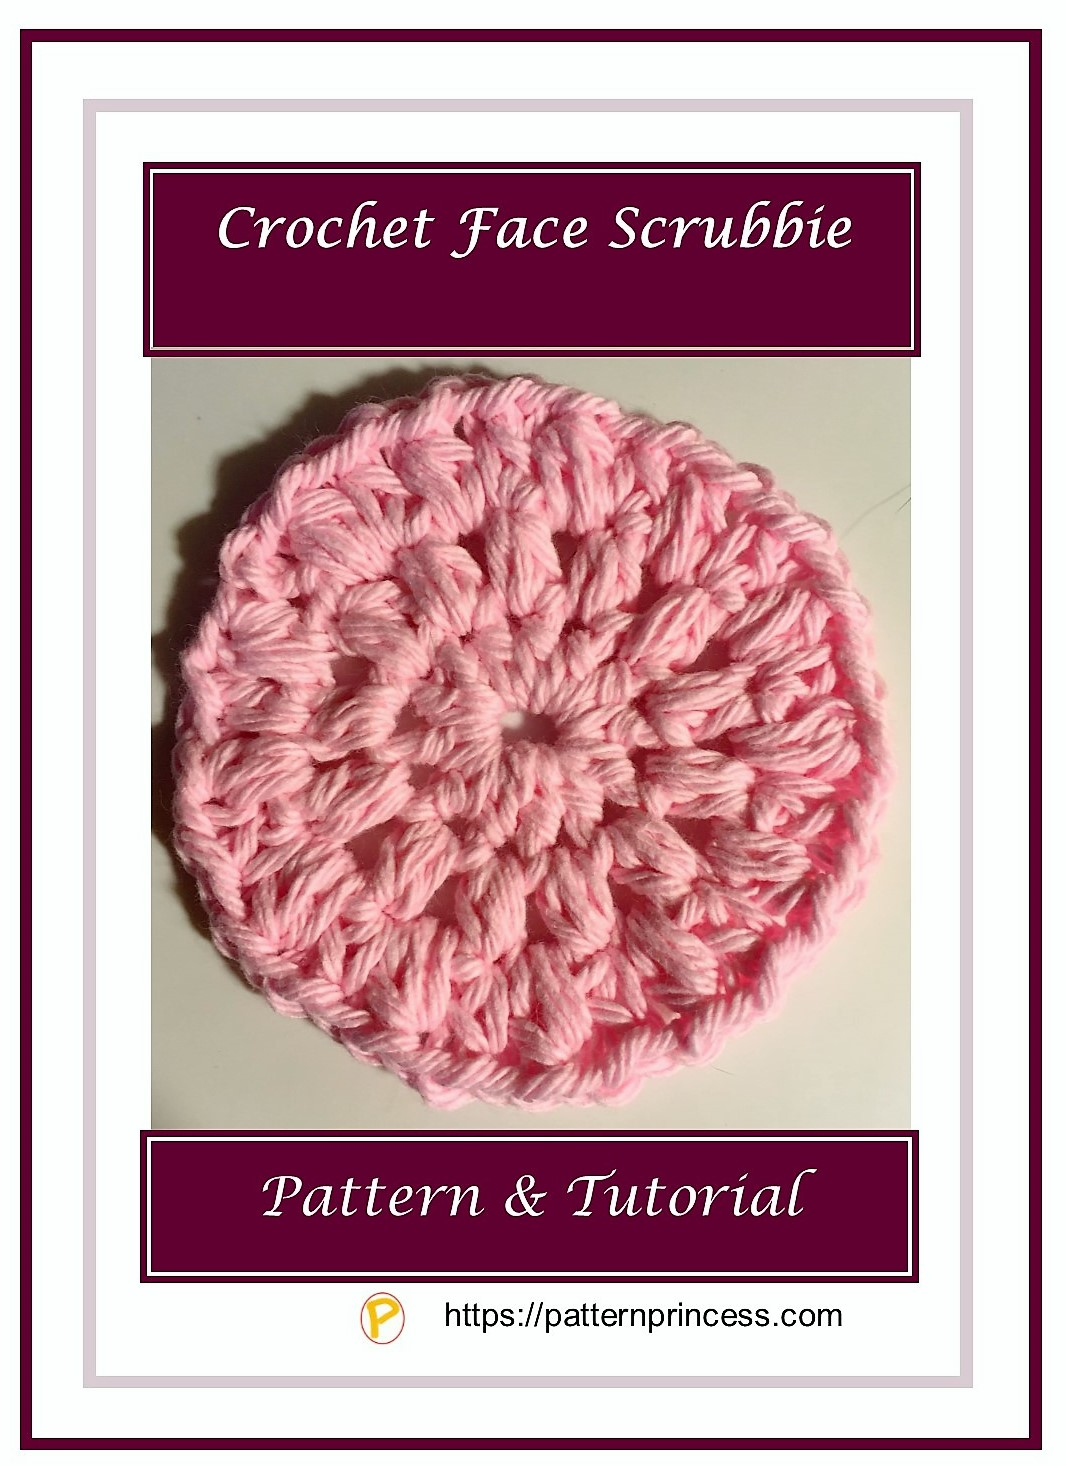 Crochet Face Scrubbie 1